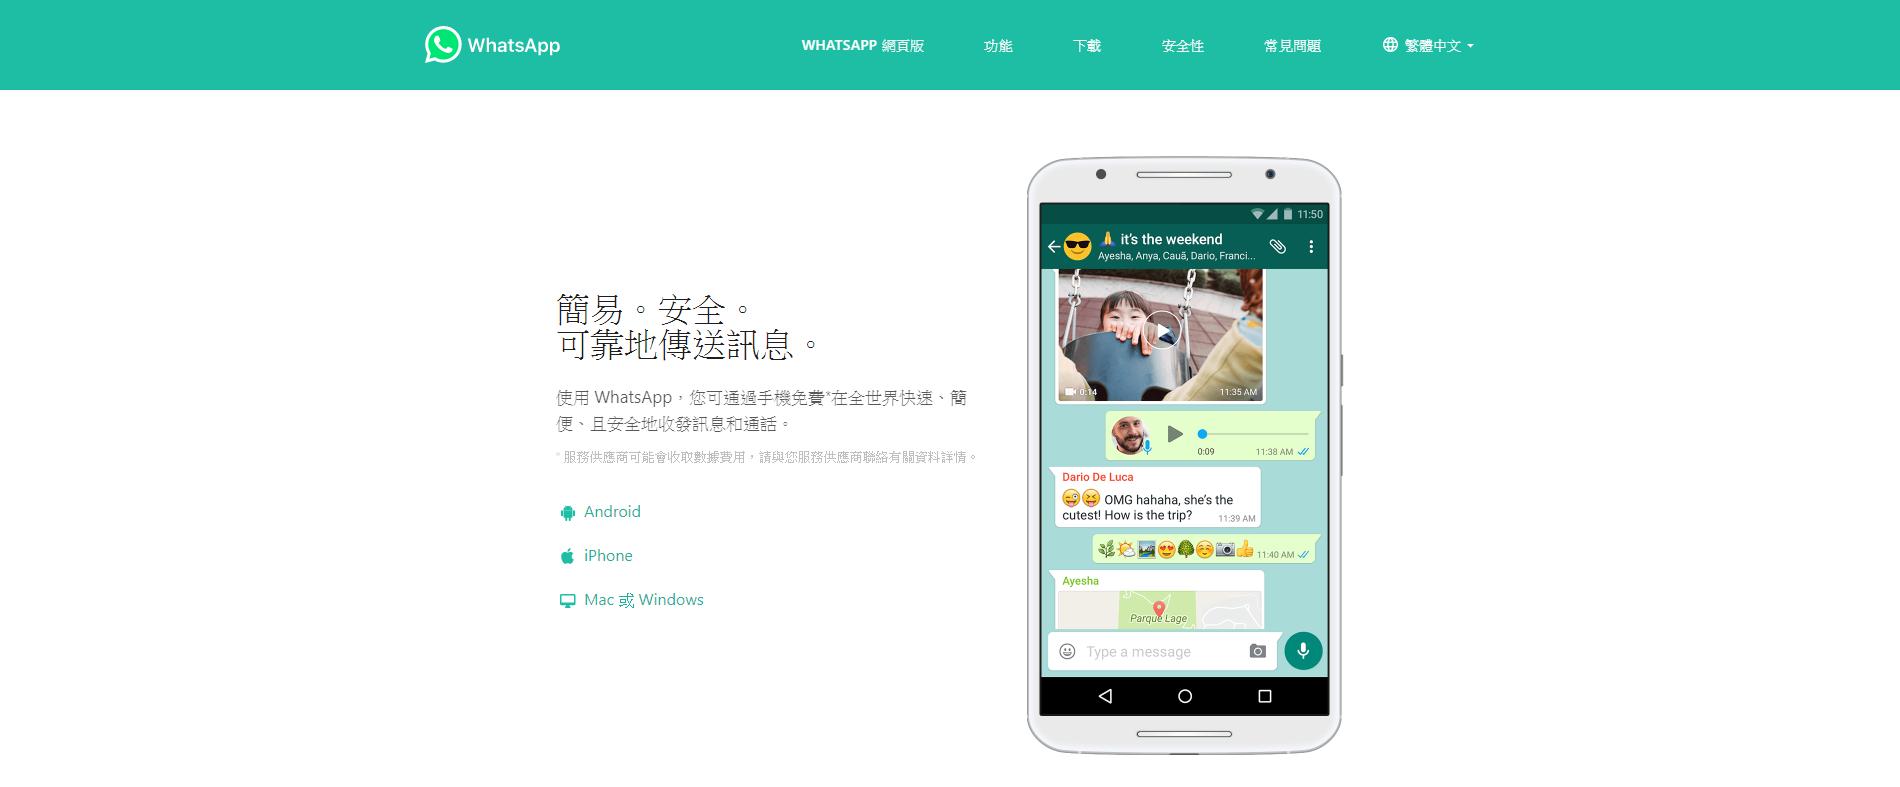 Whatsapp 群組是品牌鐵粉經營的管道